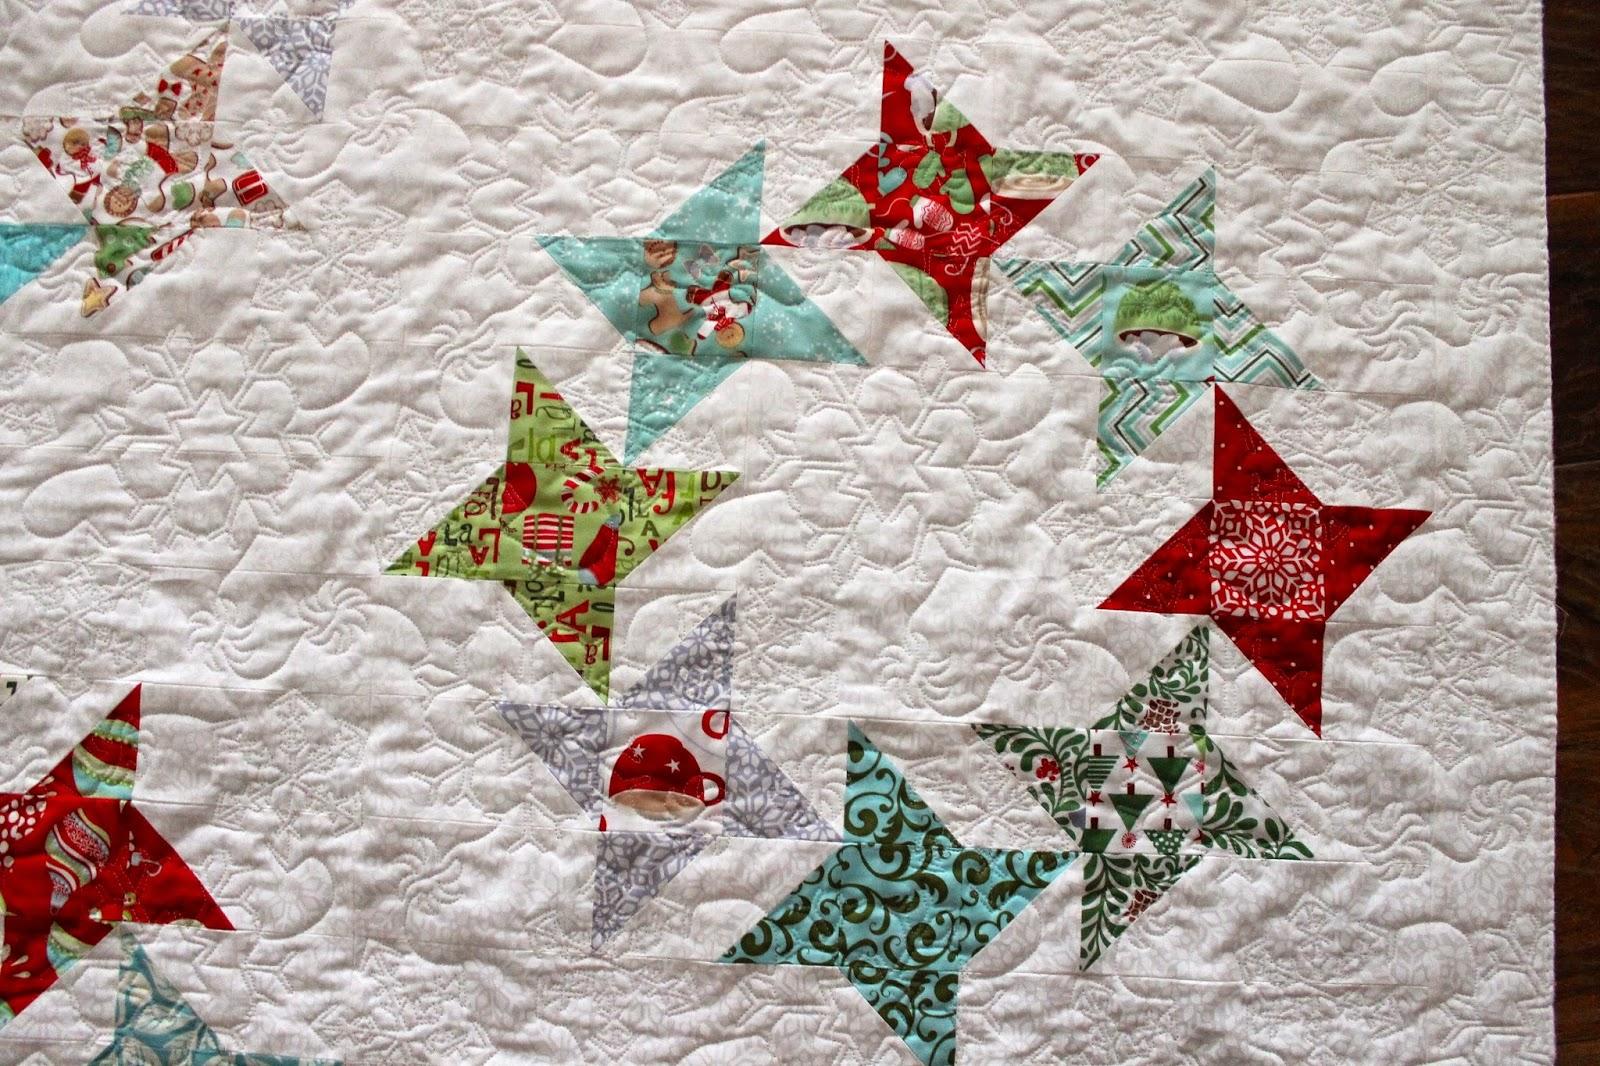 Latimer Lane: Christmas in July